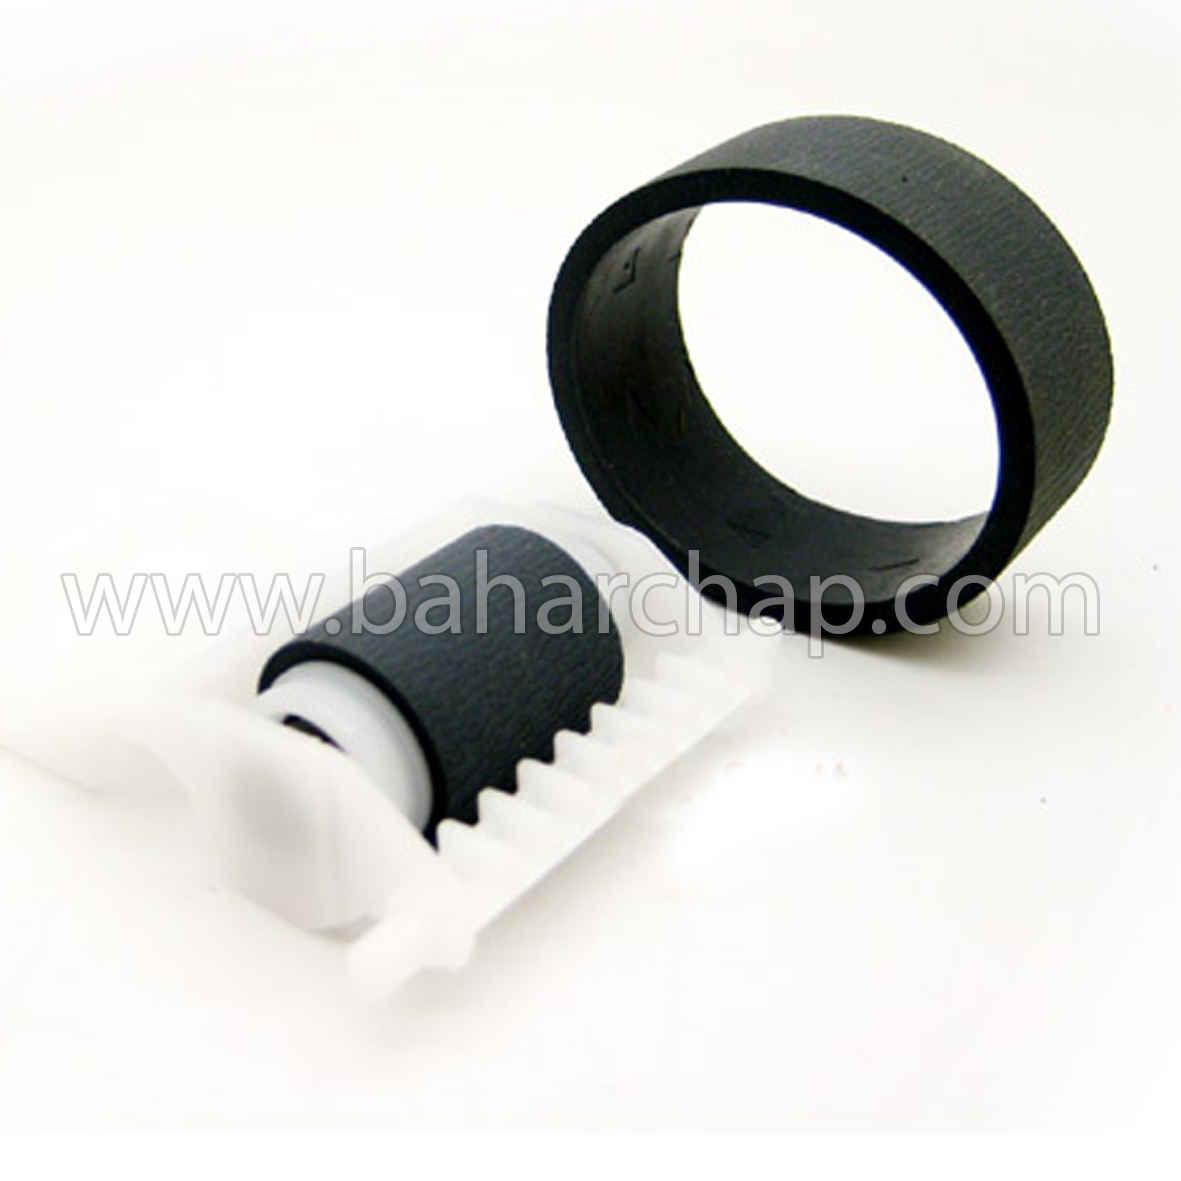 فروشگاه و خدمات اینترنتی بهارچاپ اصفهان-کاغذ کش اصلی اپسون 1410-Epson-Pickup-Roller1410